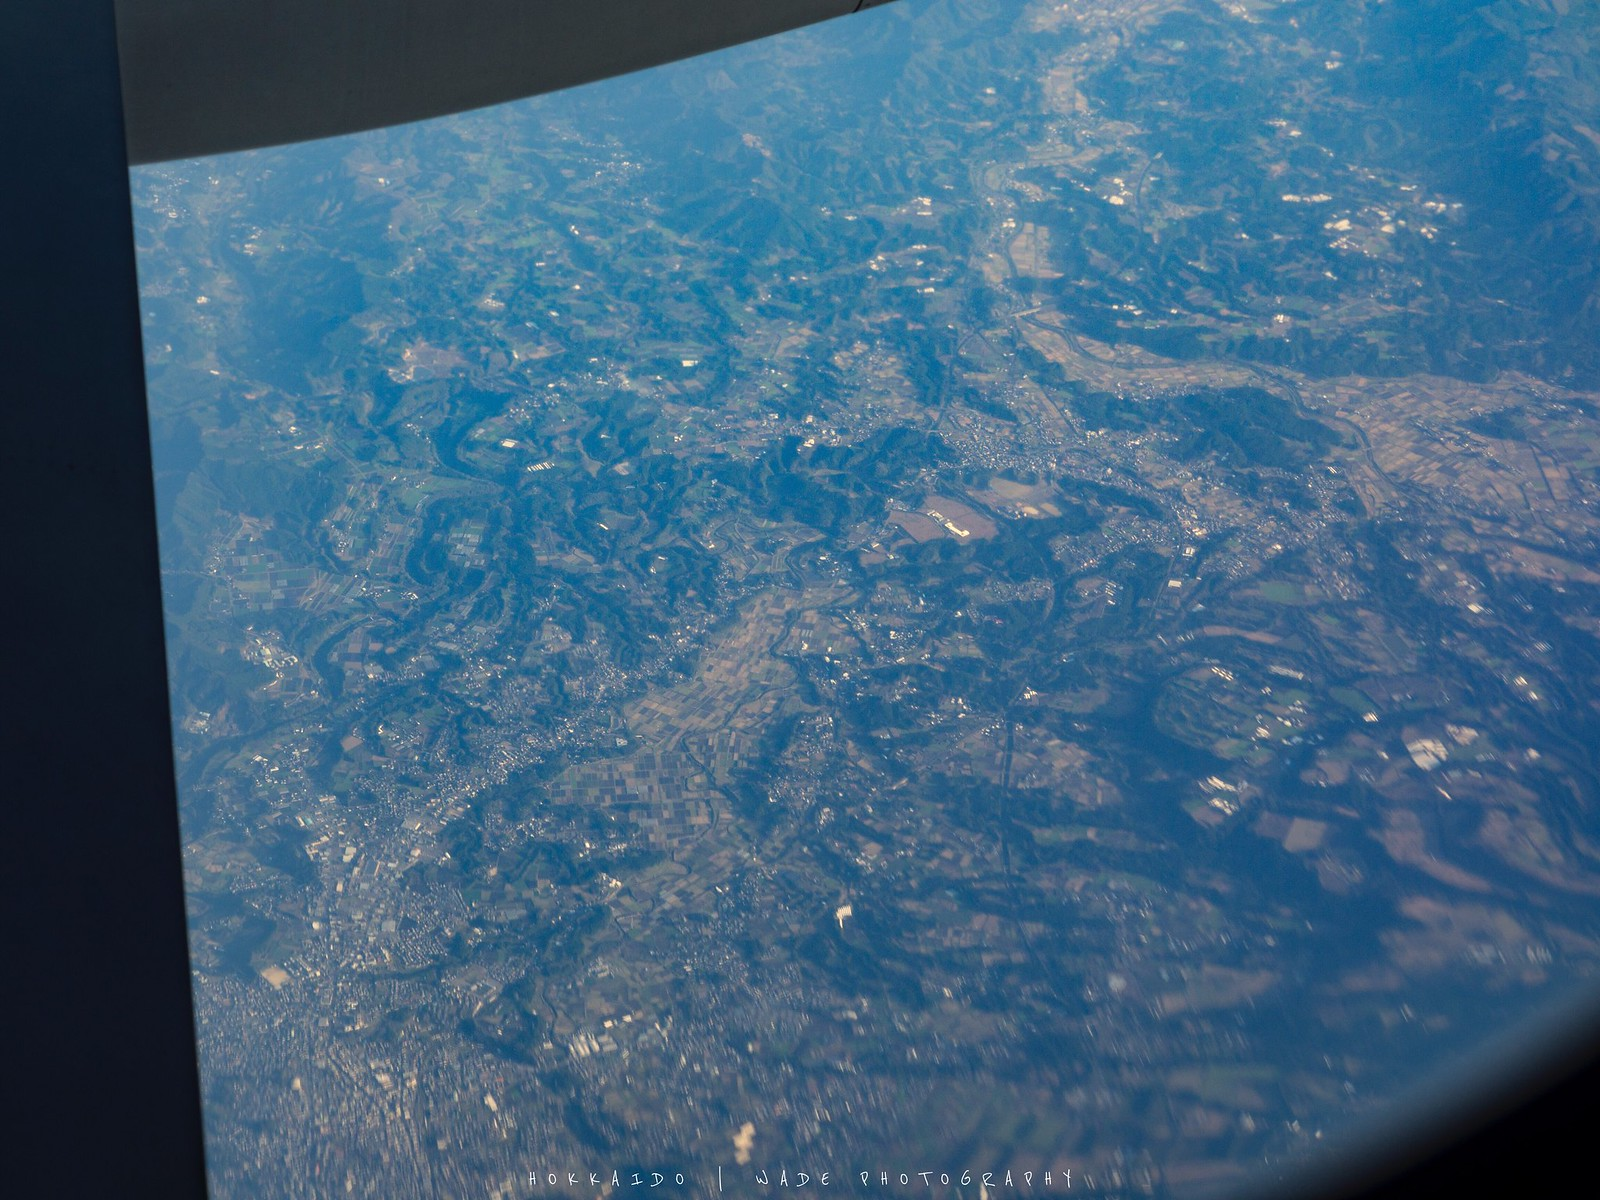 可以从飞机上看见日本的土地及